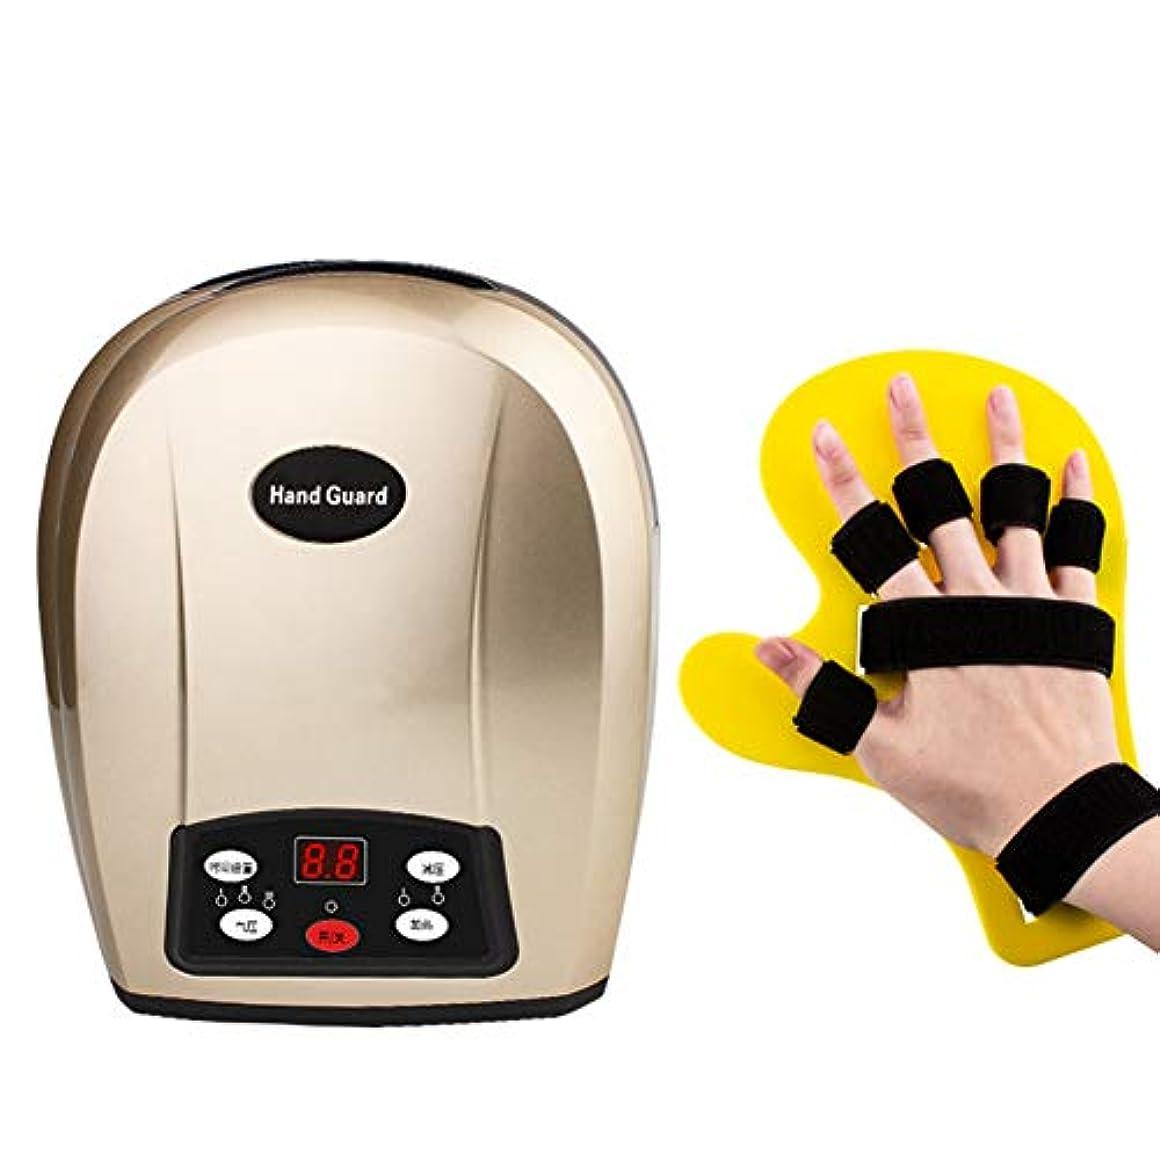 いう従事する日食関節炎の鎮痛、調節可能な圧力とタイマーのための混練と熱療法を備えた電動ハンドマッサージ器,MassagerAndFingerSeparator